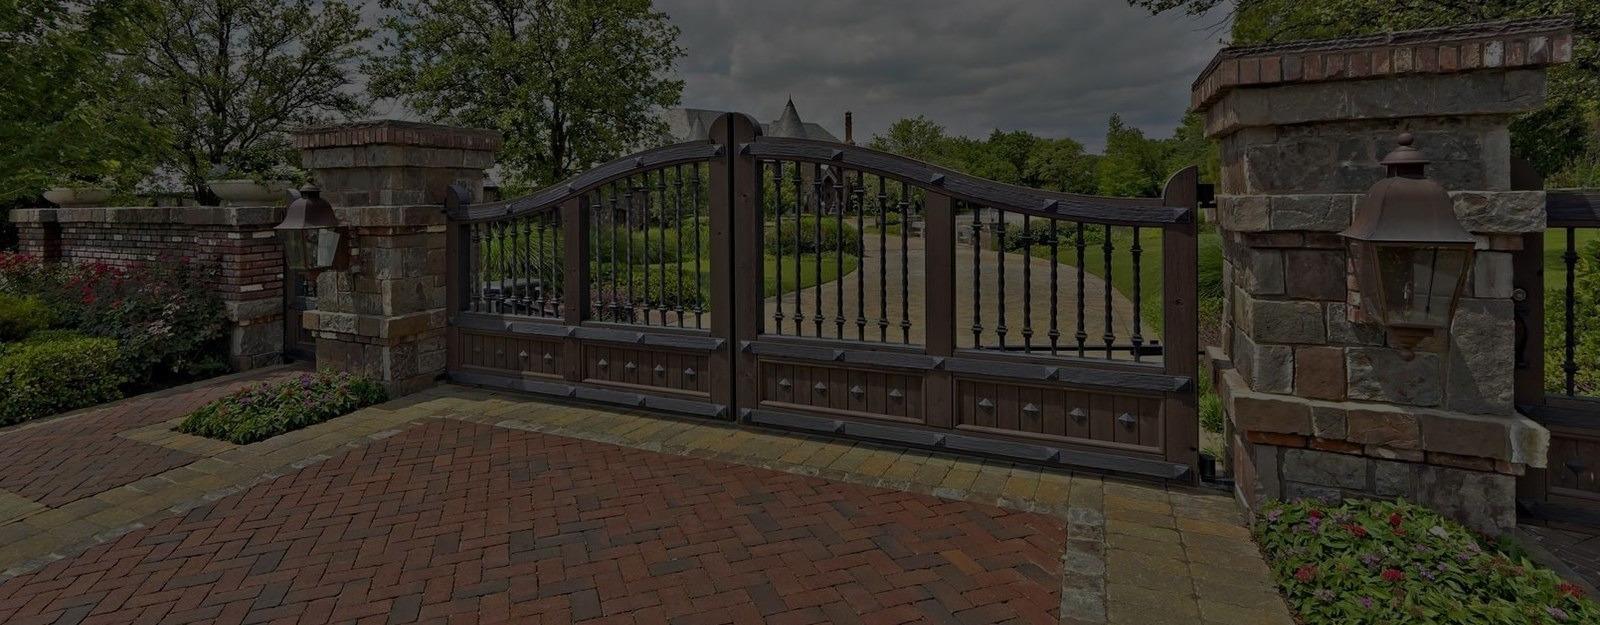 Automatic Gate Repair Farmington